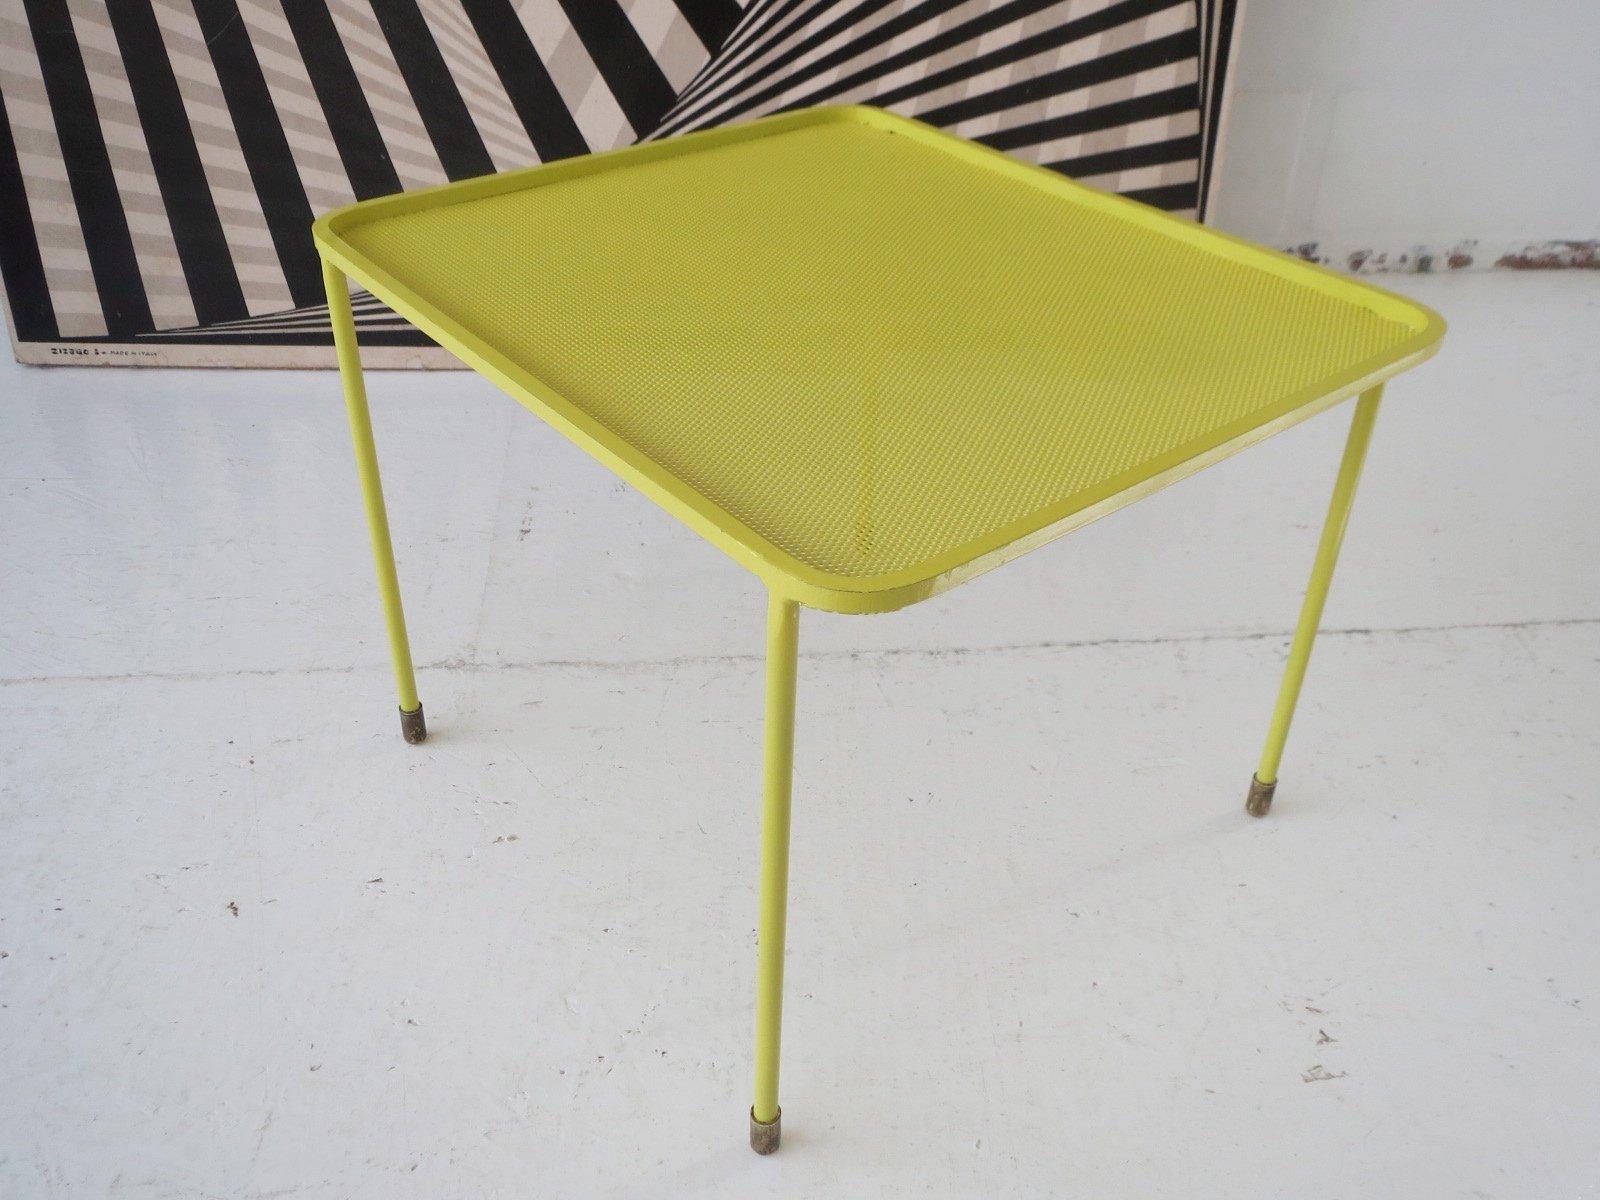 table-basse-en-metal-perfore-de-mathieu-mategot-1950s-15 Incroyable De Table Basse Gigogne Vintage Des Idées